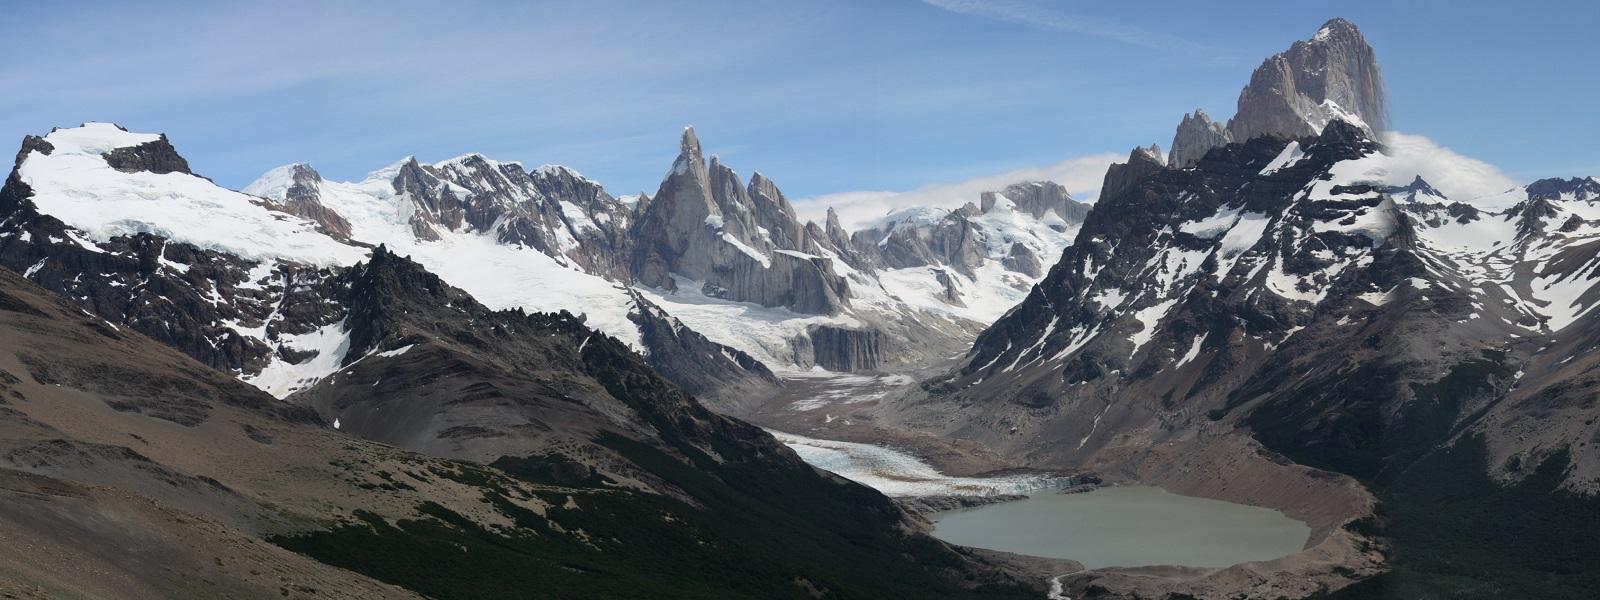 massif cerro Torre et Fitz Roy, El Chalten, Patagonie argentine